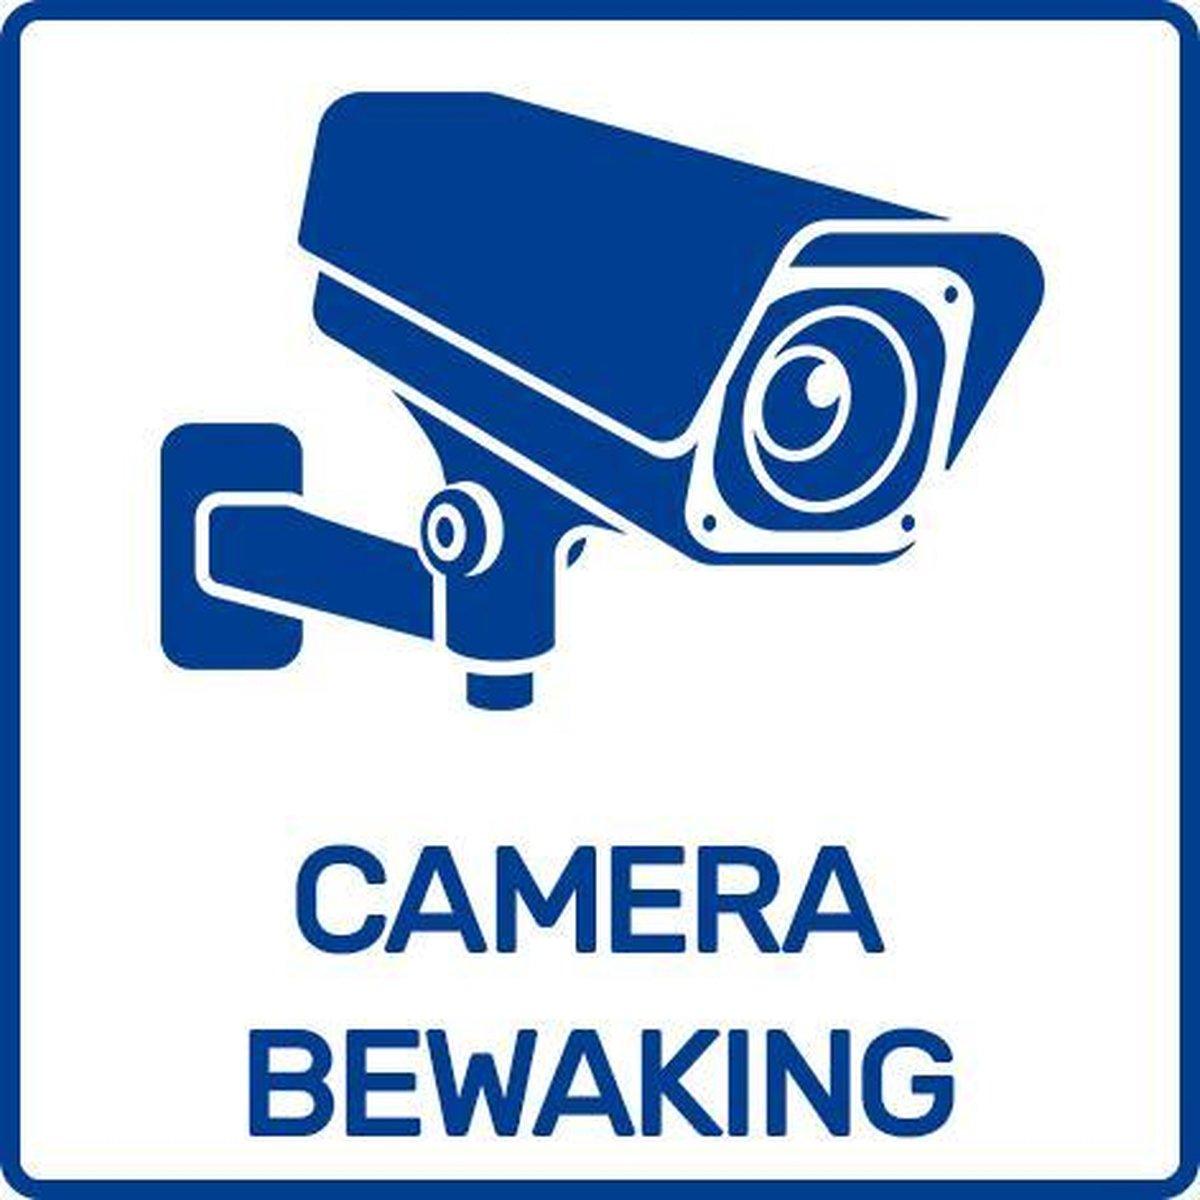 Sticker camerabewaking - 5.5x5.5 cm - binnen & buiten - 2 stuks - Camera sticker / Camerabewaking st